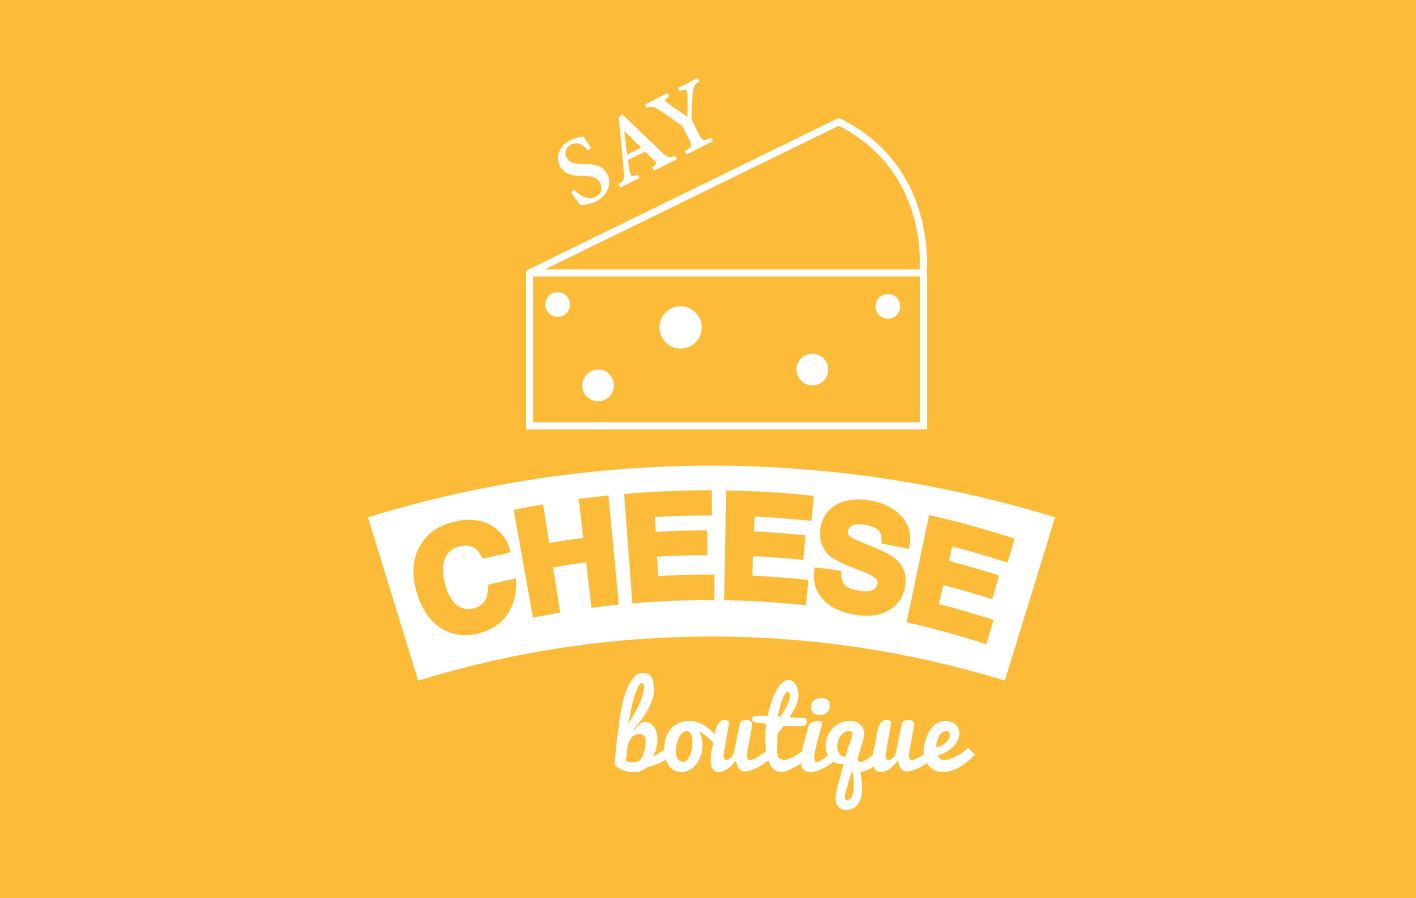 gaec-des-biens-vivants-fromages-de-chevre-bloc-say-cheese-boutique